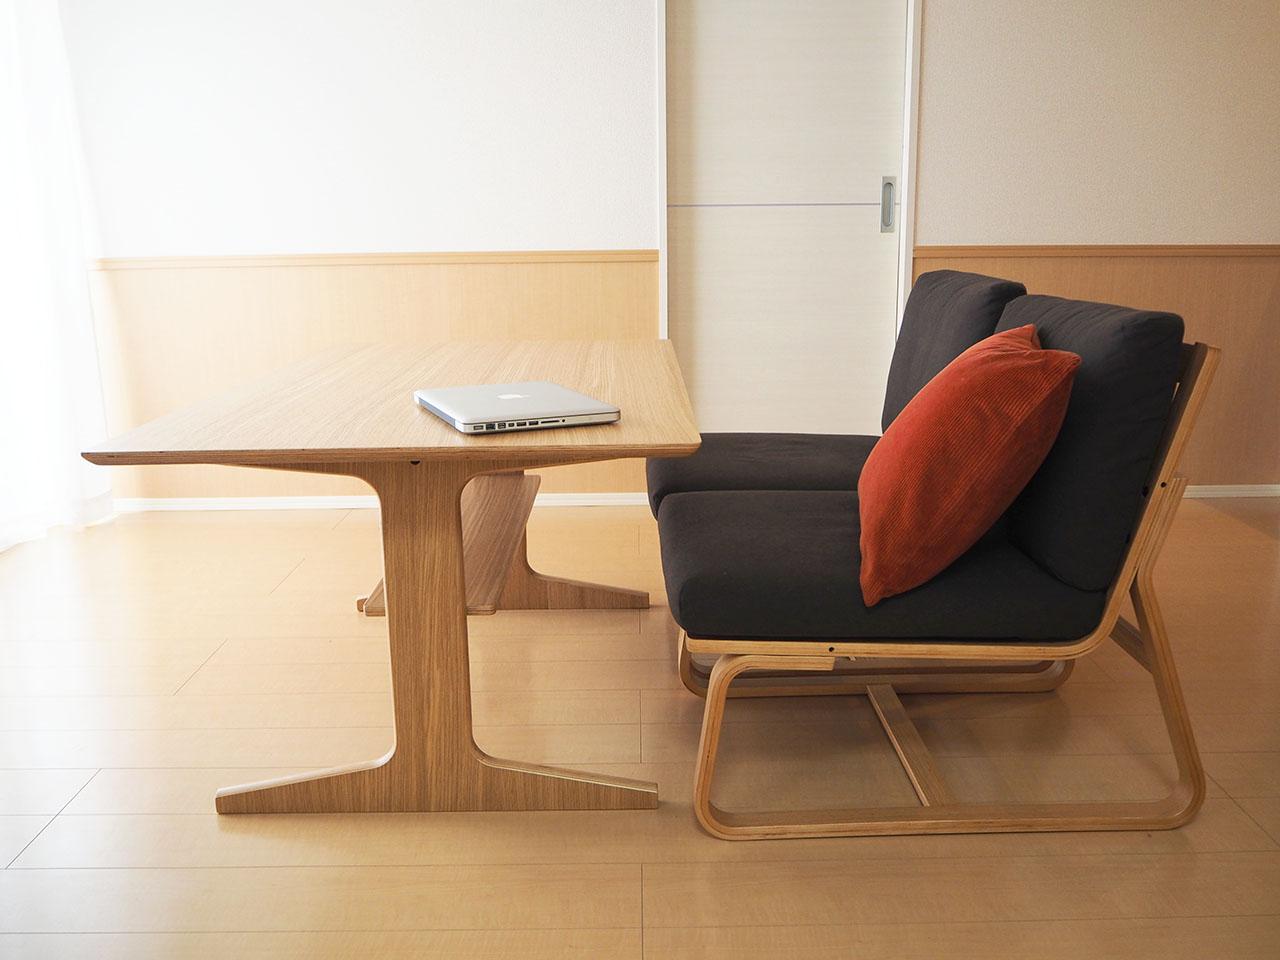 ダイニングテーブル. sdim1302 sdim1303